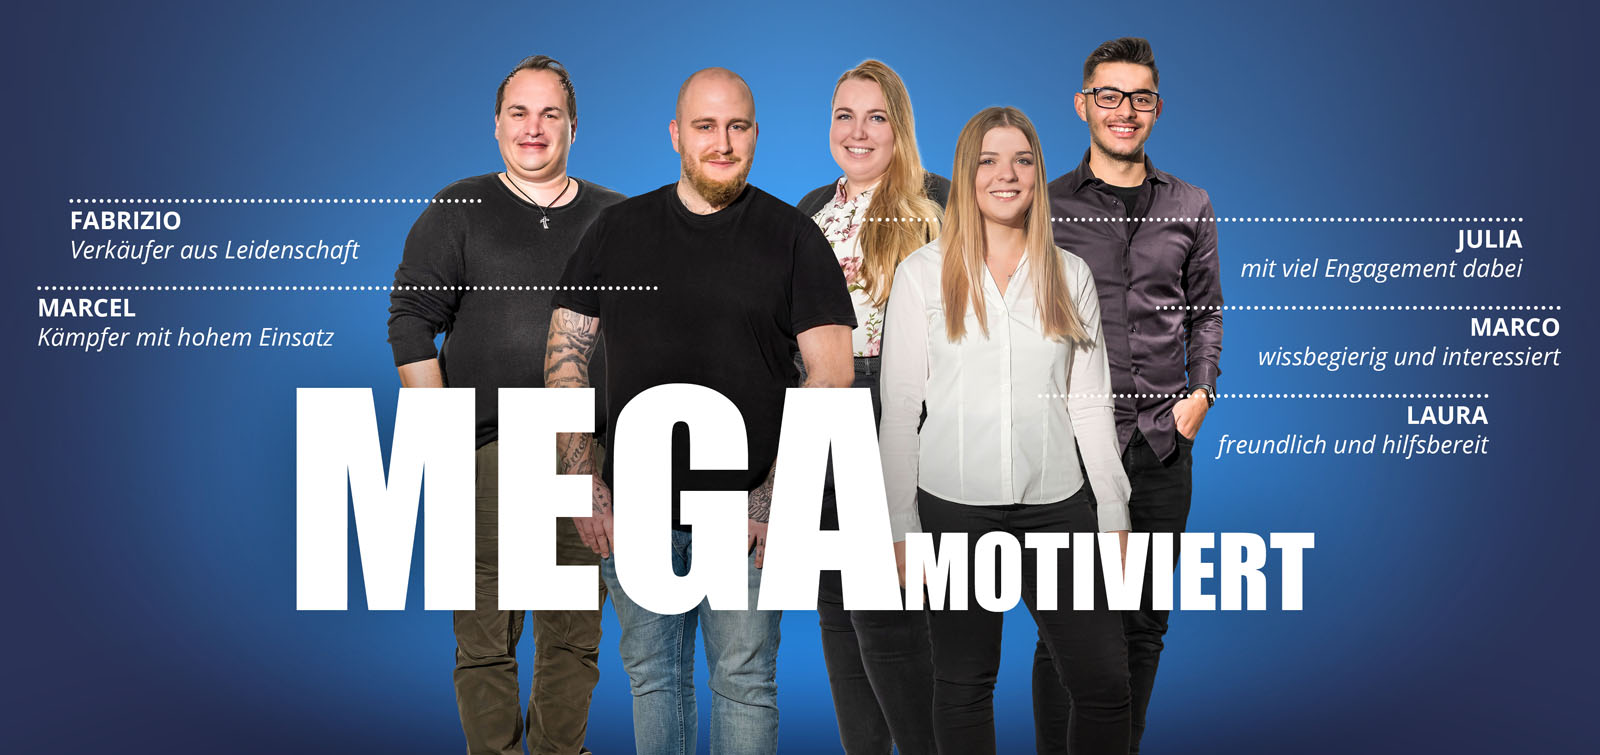 MEGA Motiviert